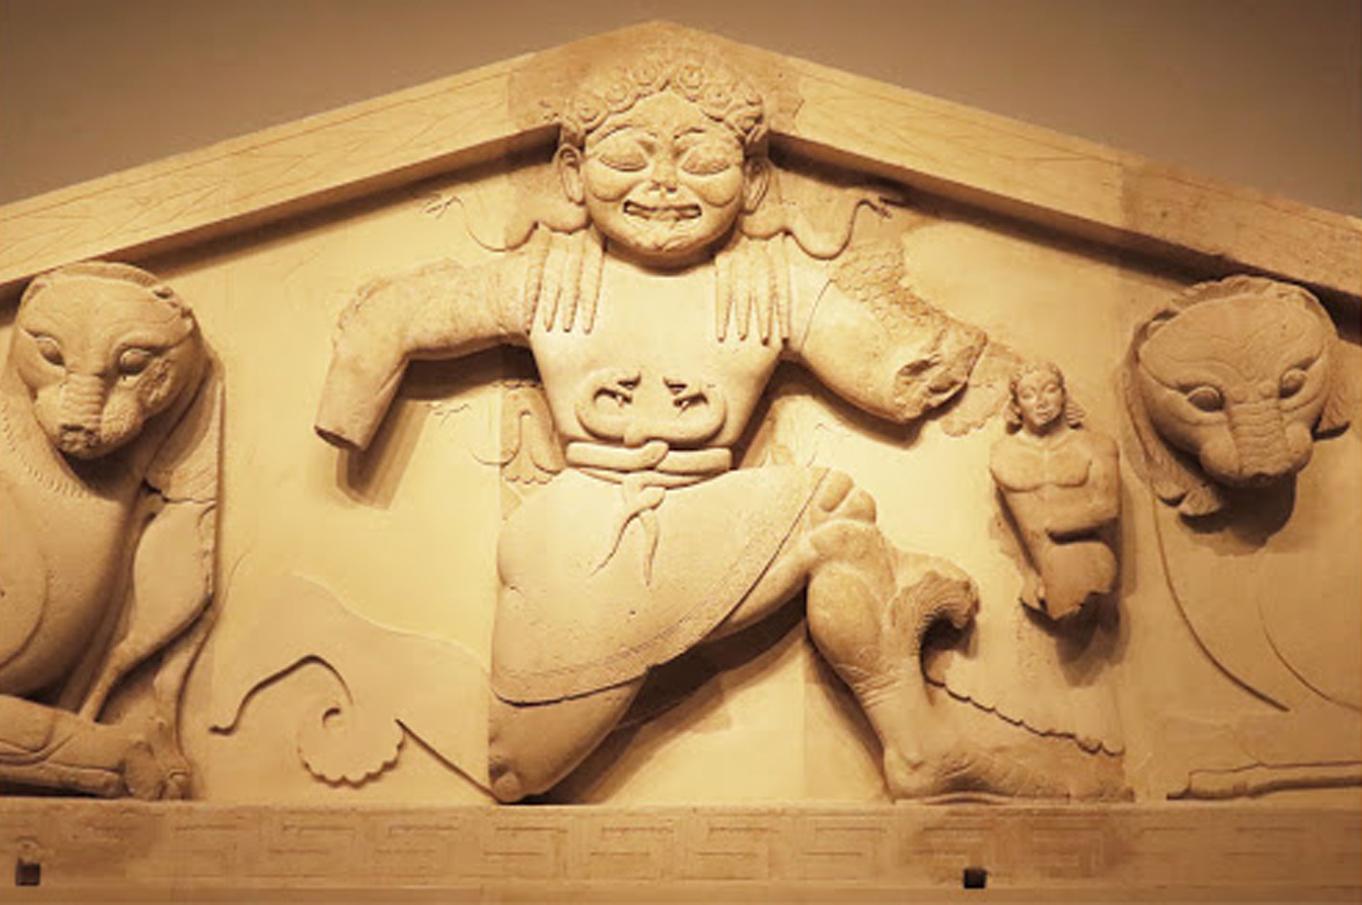 Γοργόνα-Μέδουσα, Αρχαιολογικό Μουσείο Κέρκυρας